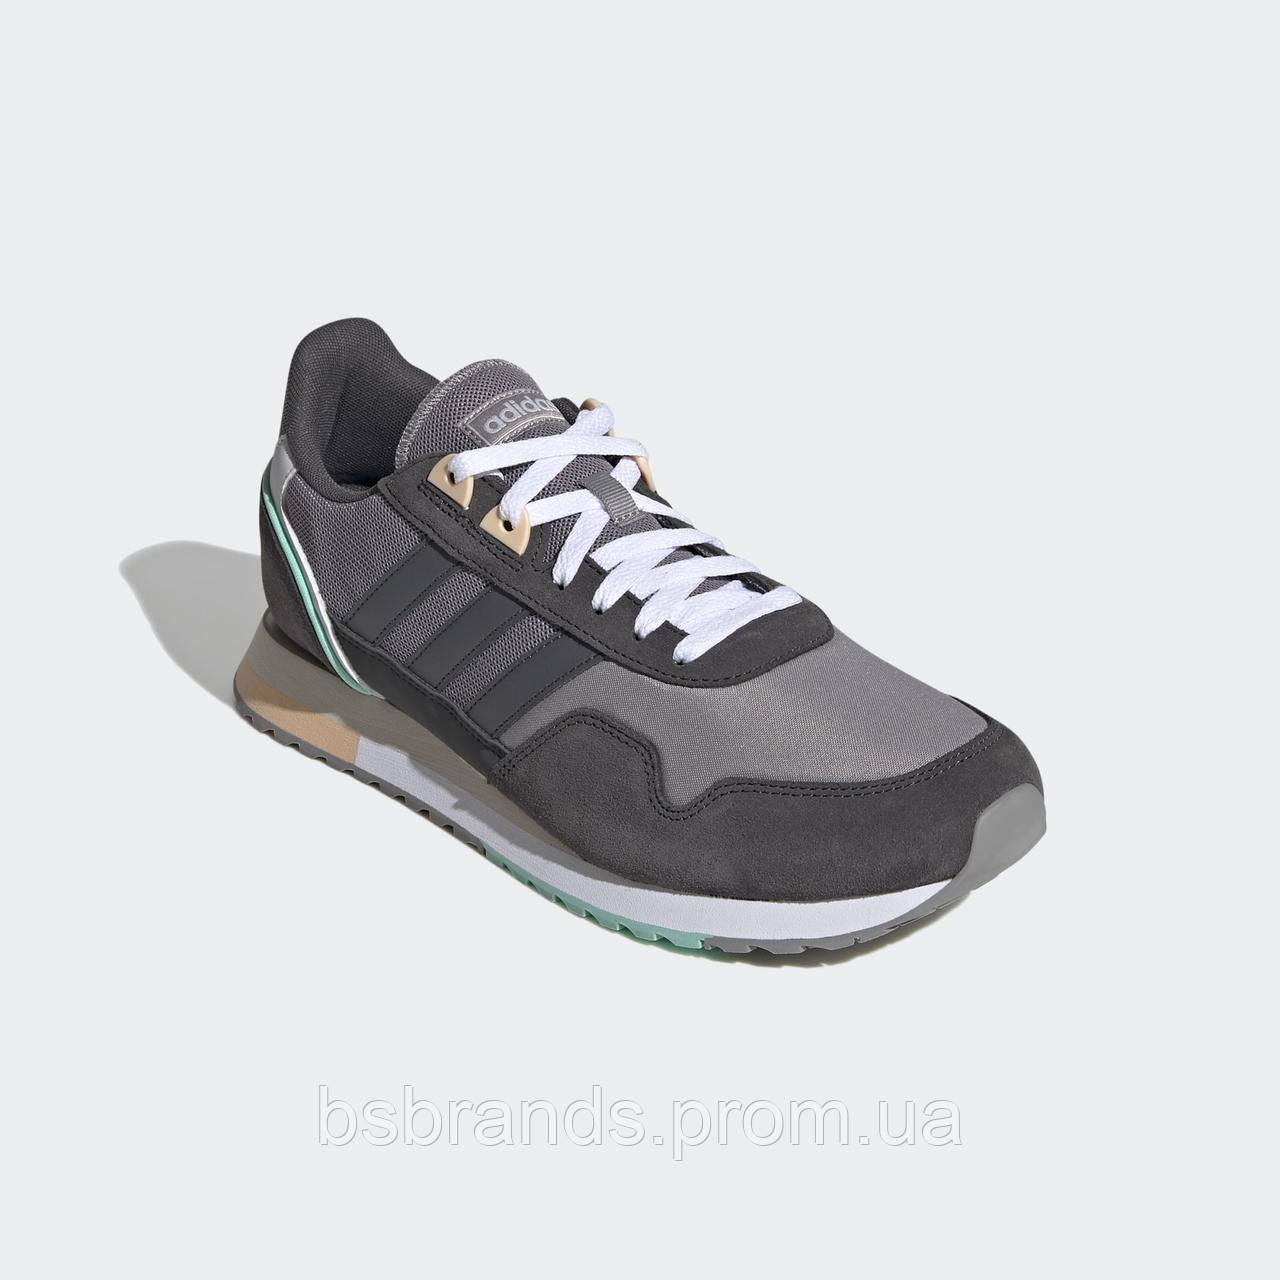 Чоловічі кросівки adidas 8K 2020 EH1430 (2020/1)